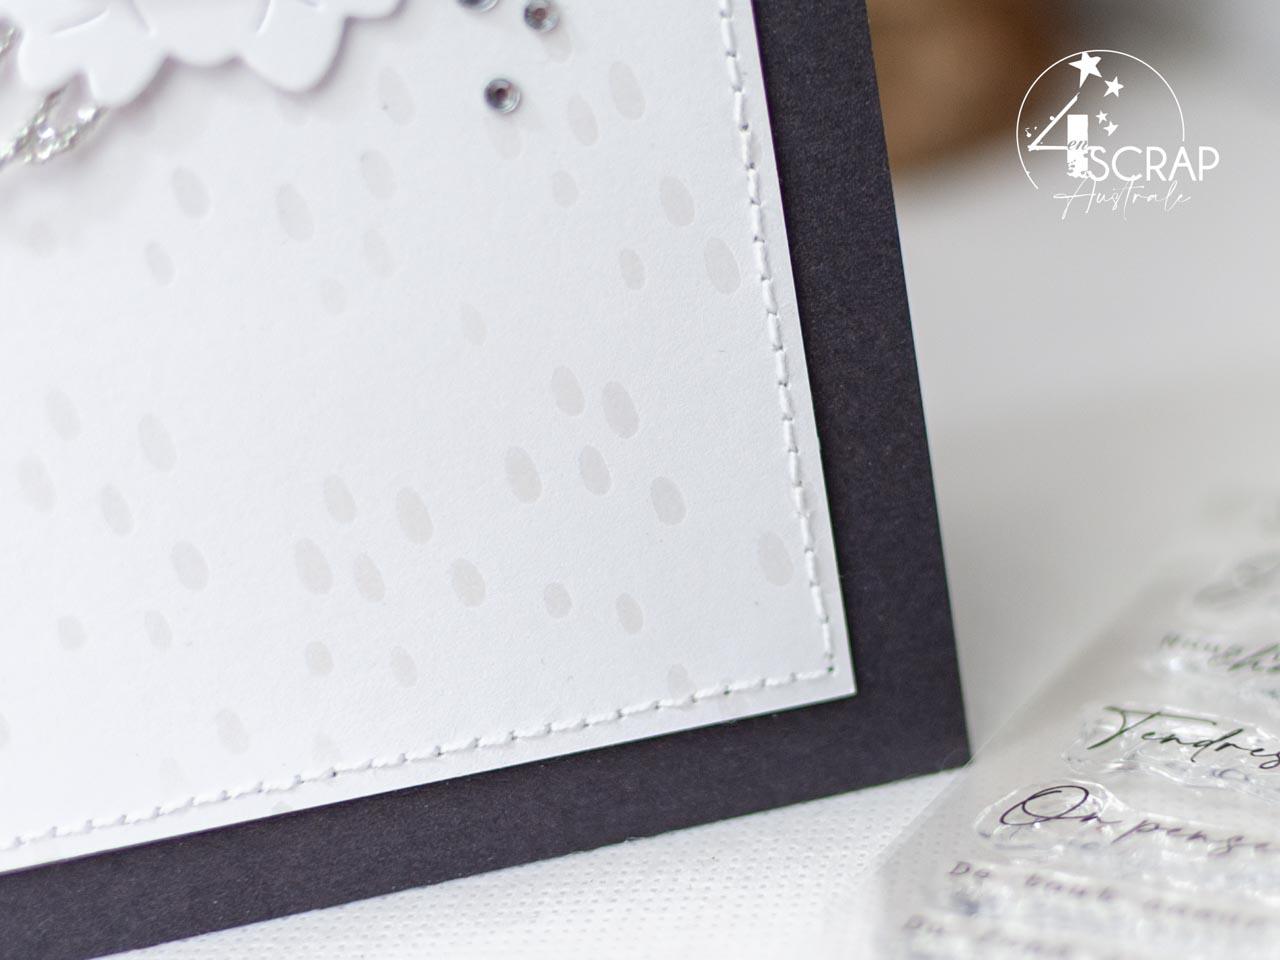 Création de cartes de condoléances sobre et élégantes avec les Dahlias et feuilles de dahlias de la collection automne 2021 de 4enscrap.